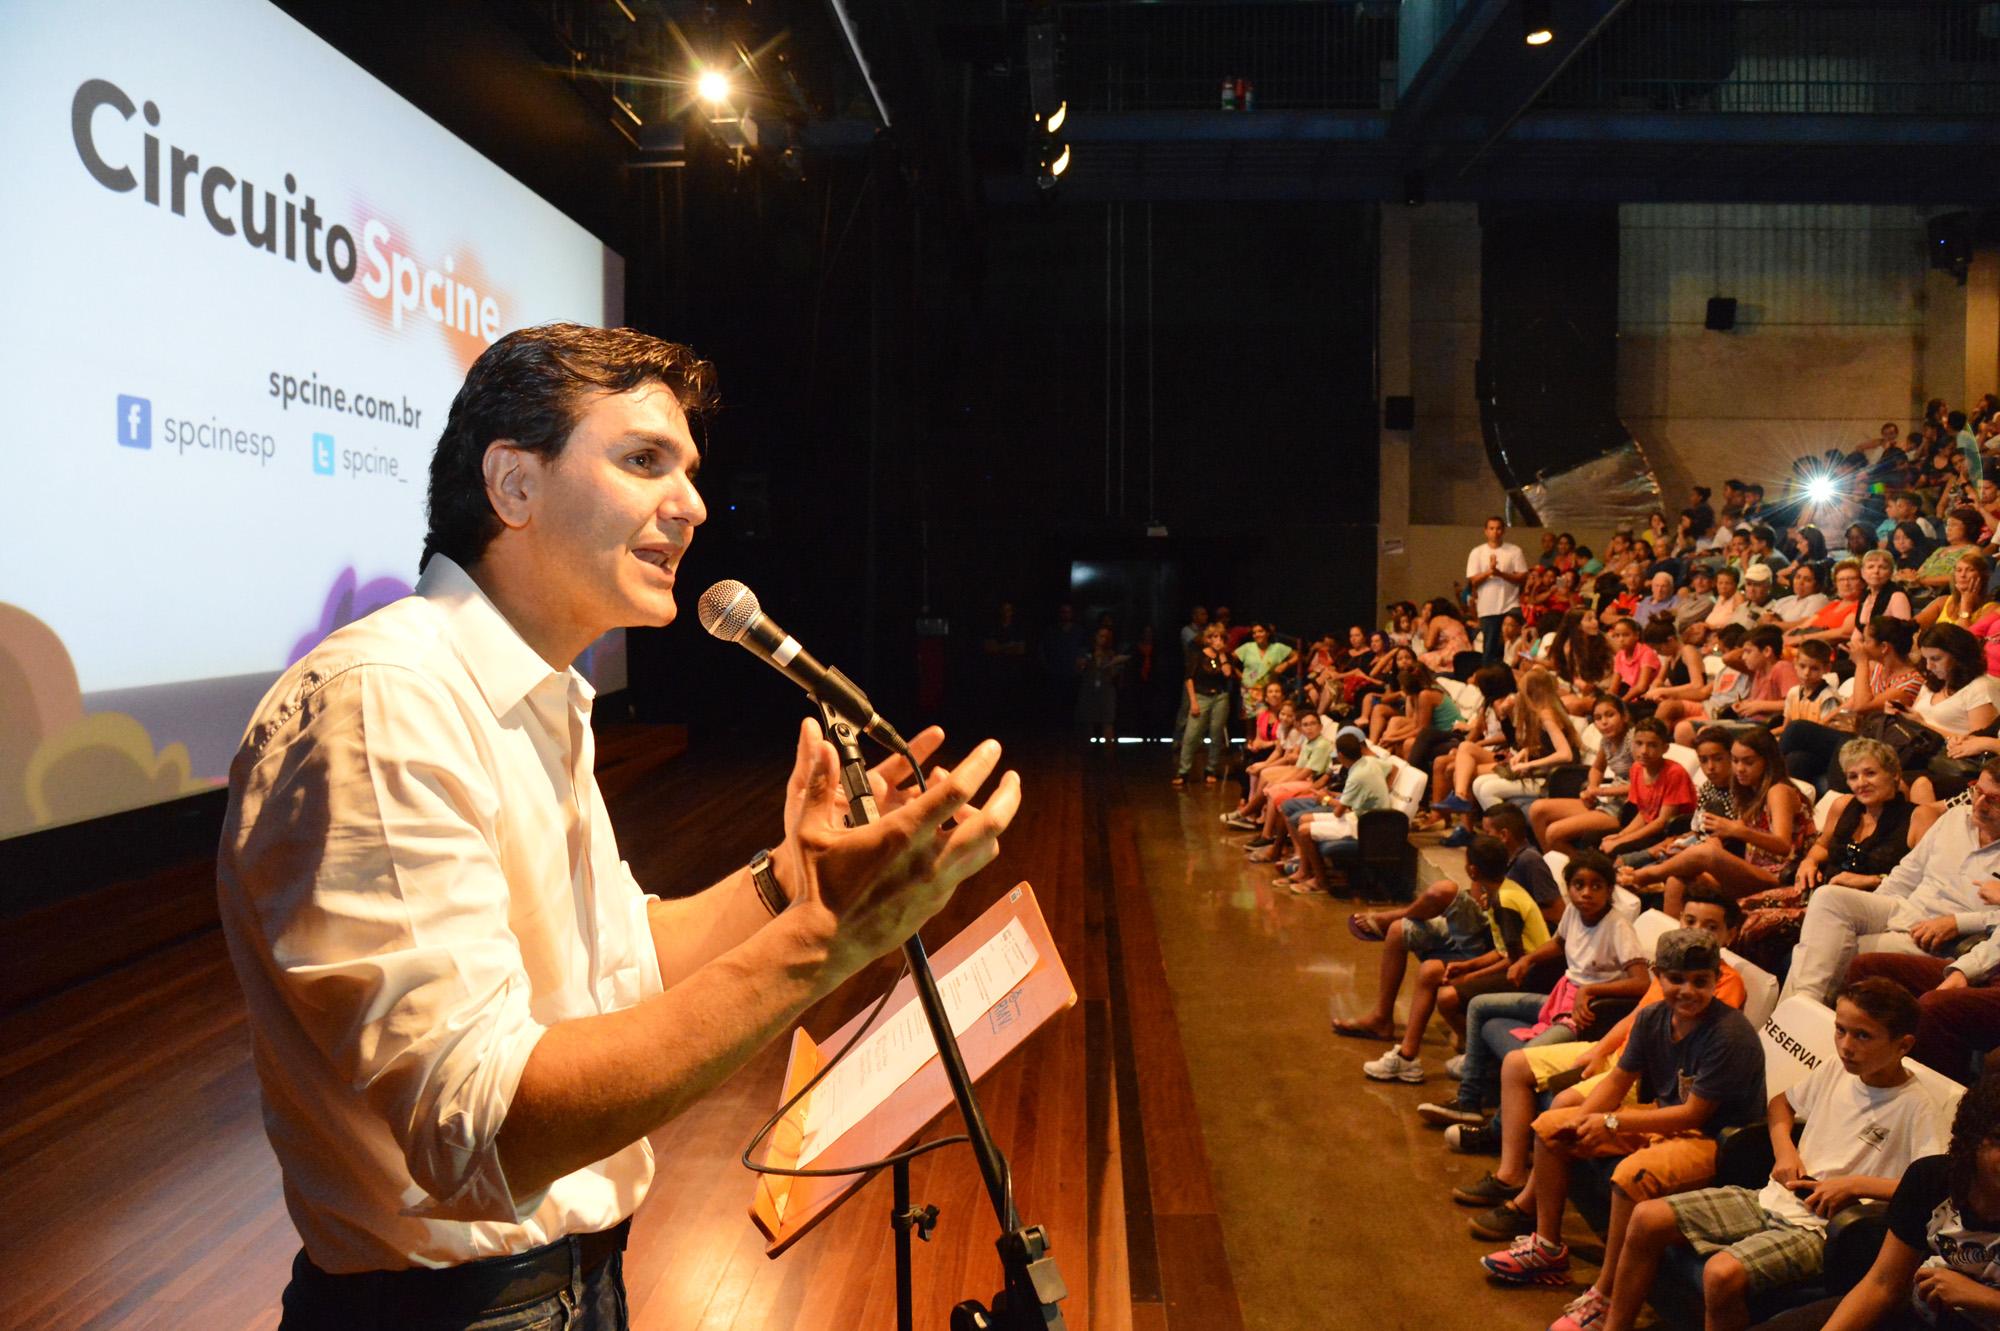 Circuito Sp Cine : Prefeitura abre sala pública de cinema em perus a ª do